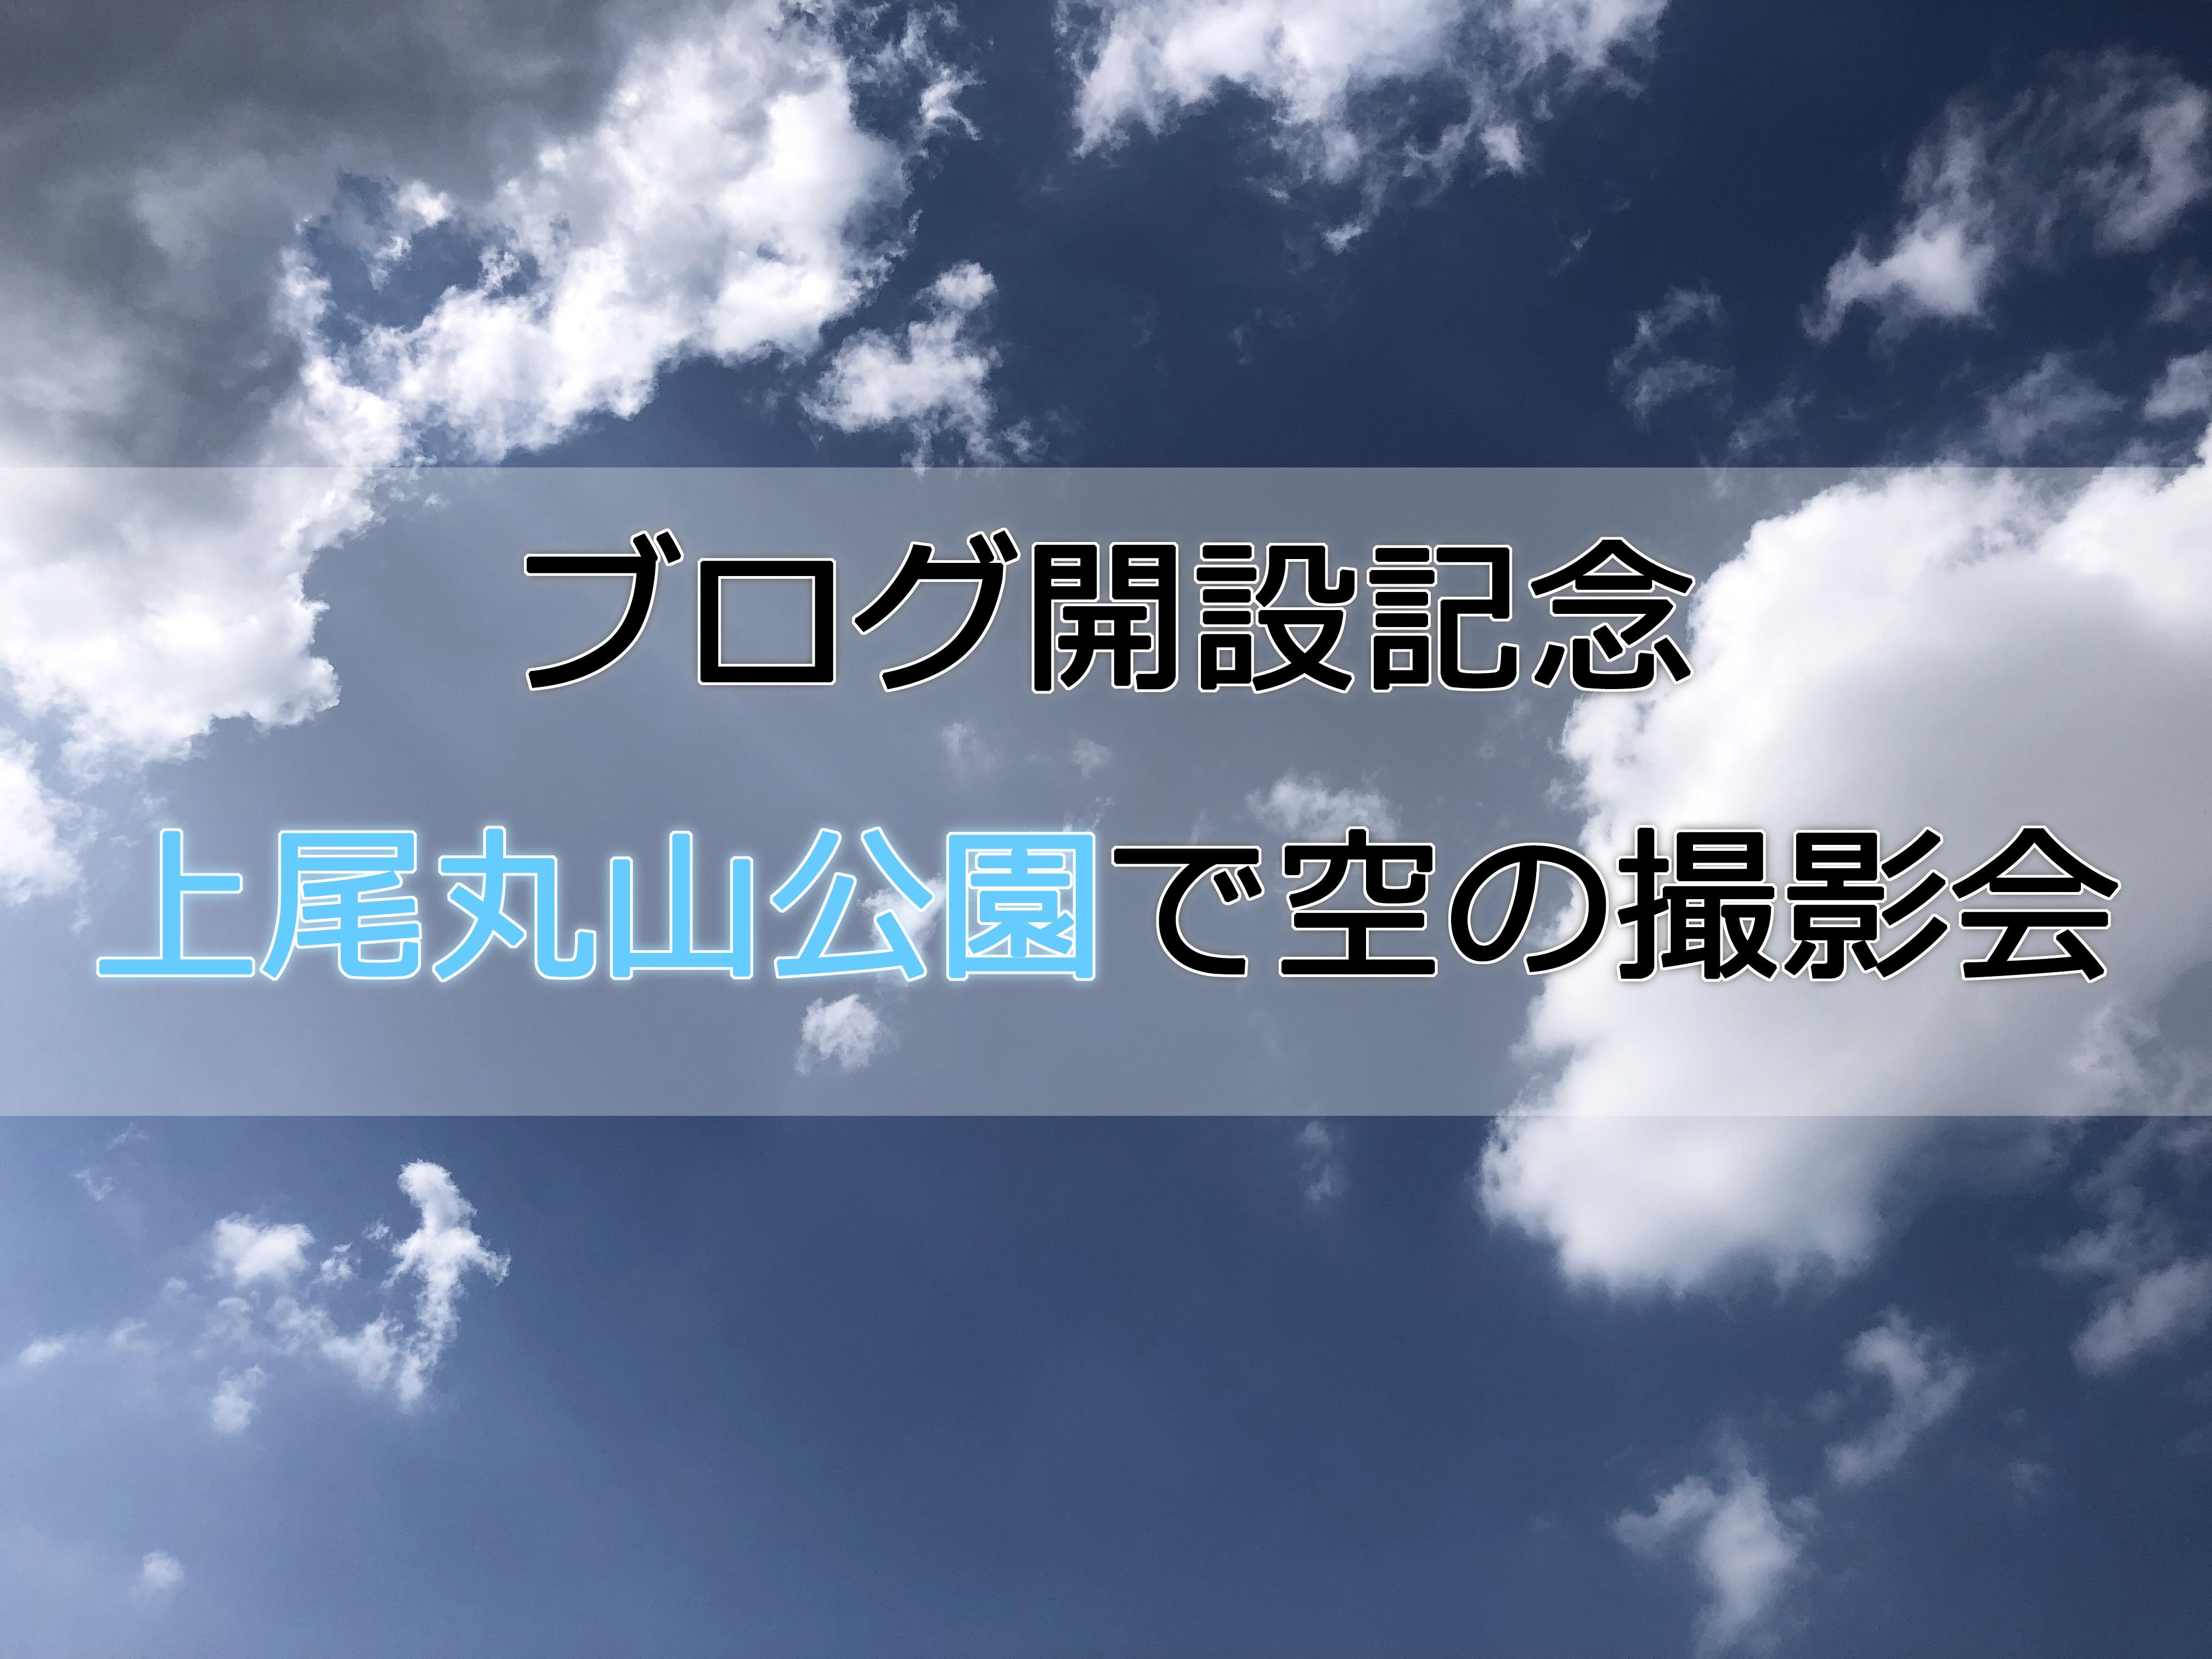 丸山公園の空サムネ画像